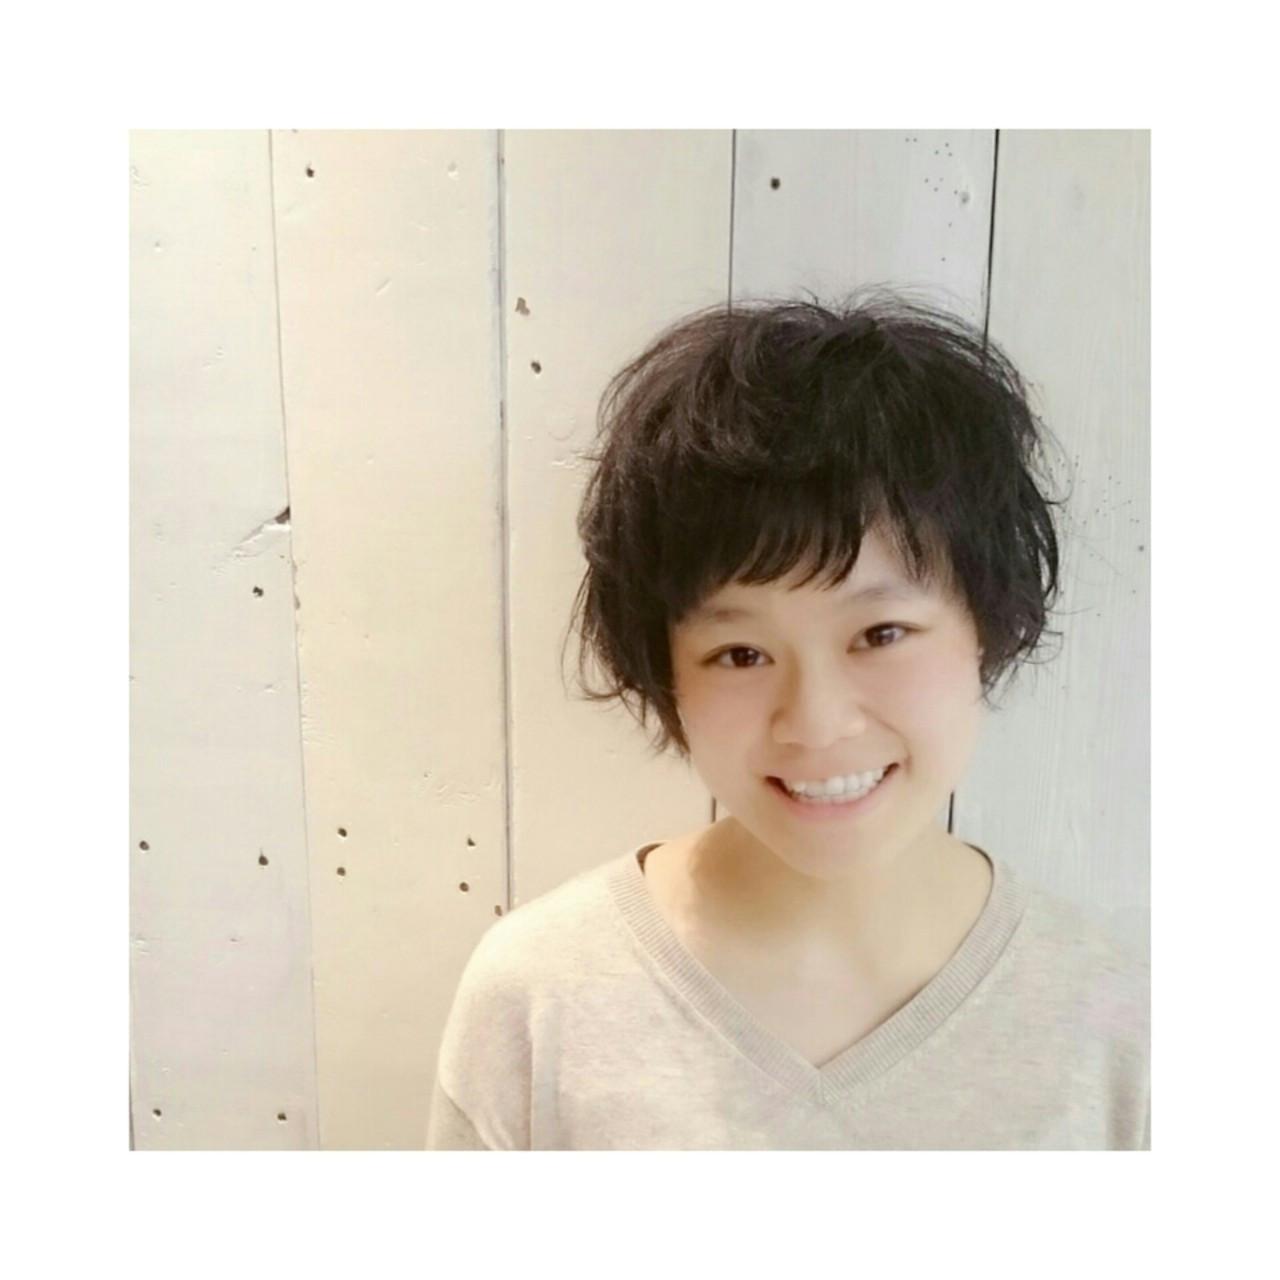 ショート ガーリー 黒髪 パーマ ヘアスタイルや髪型の写真・画像